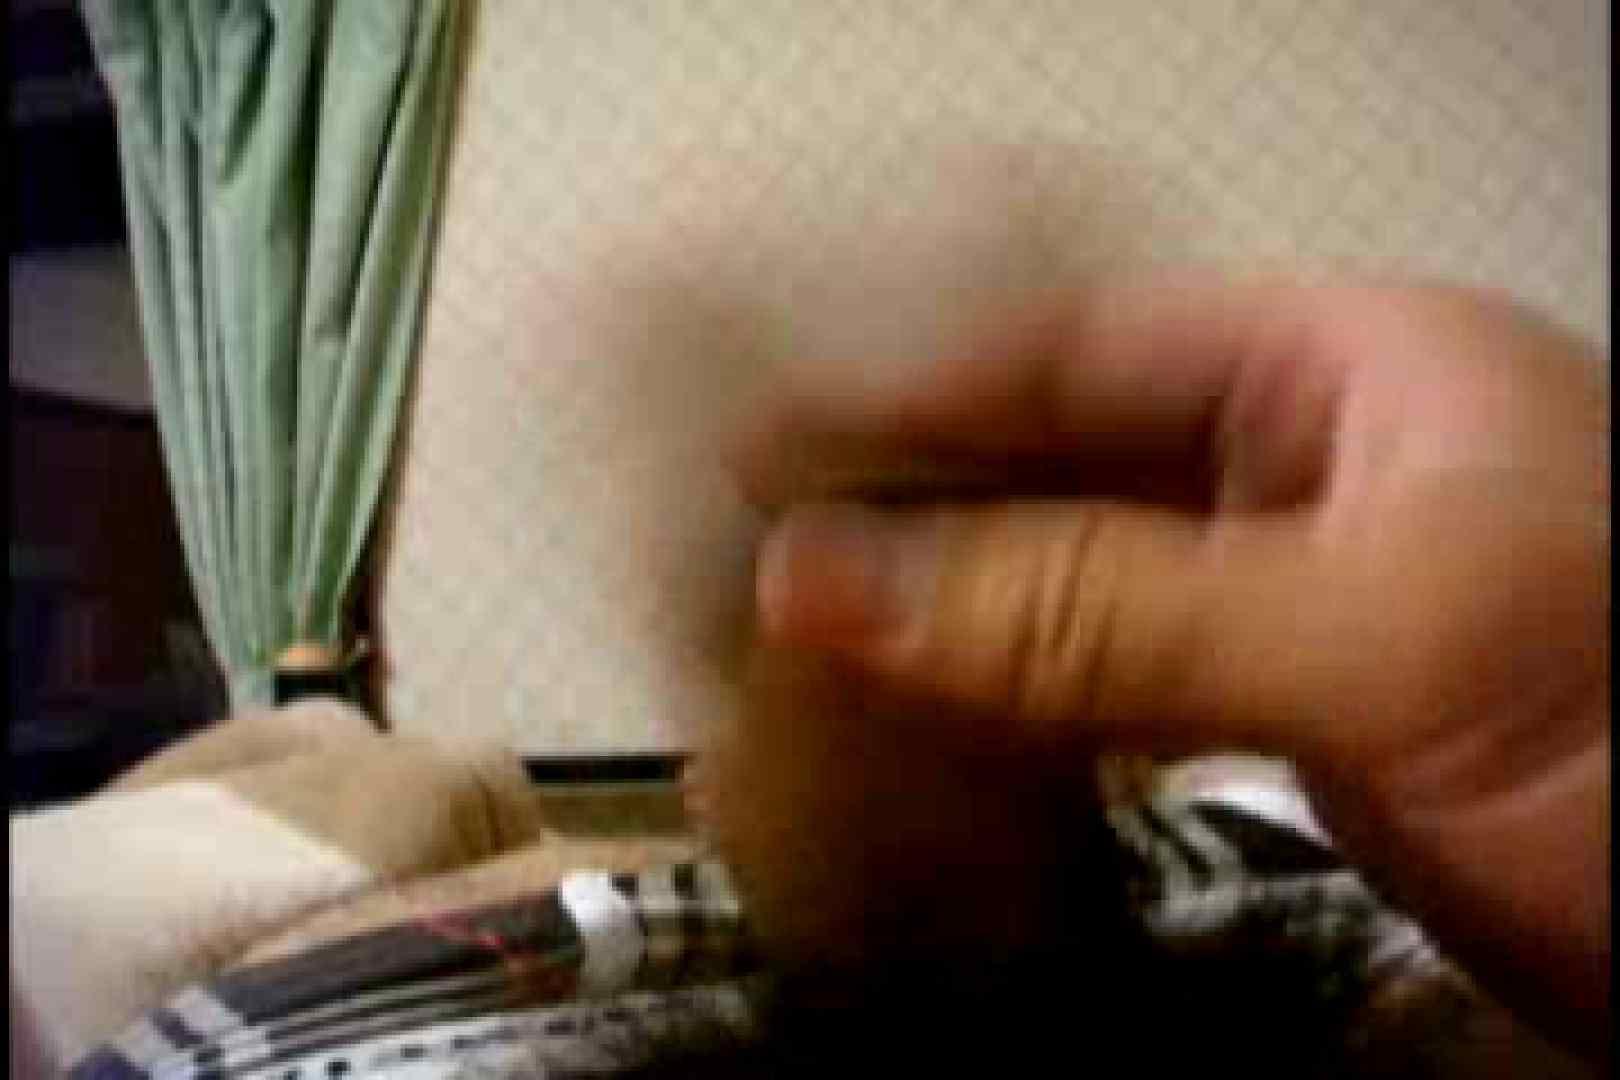 オナ好きノンケテニス部員の自画撮り投稿vol.01 投稿  59pic